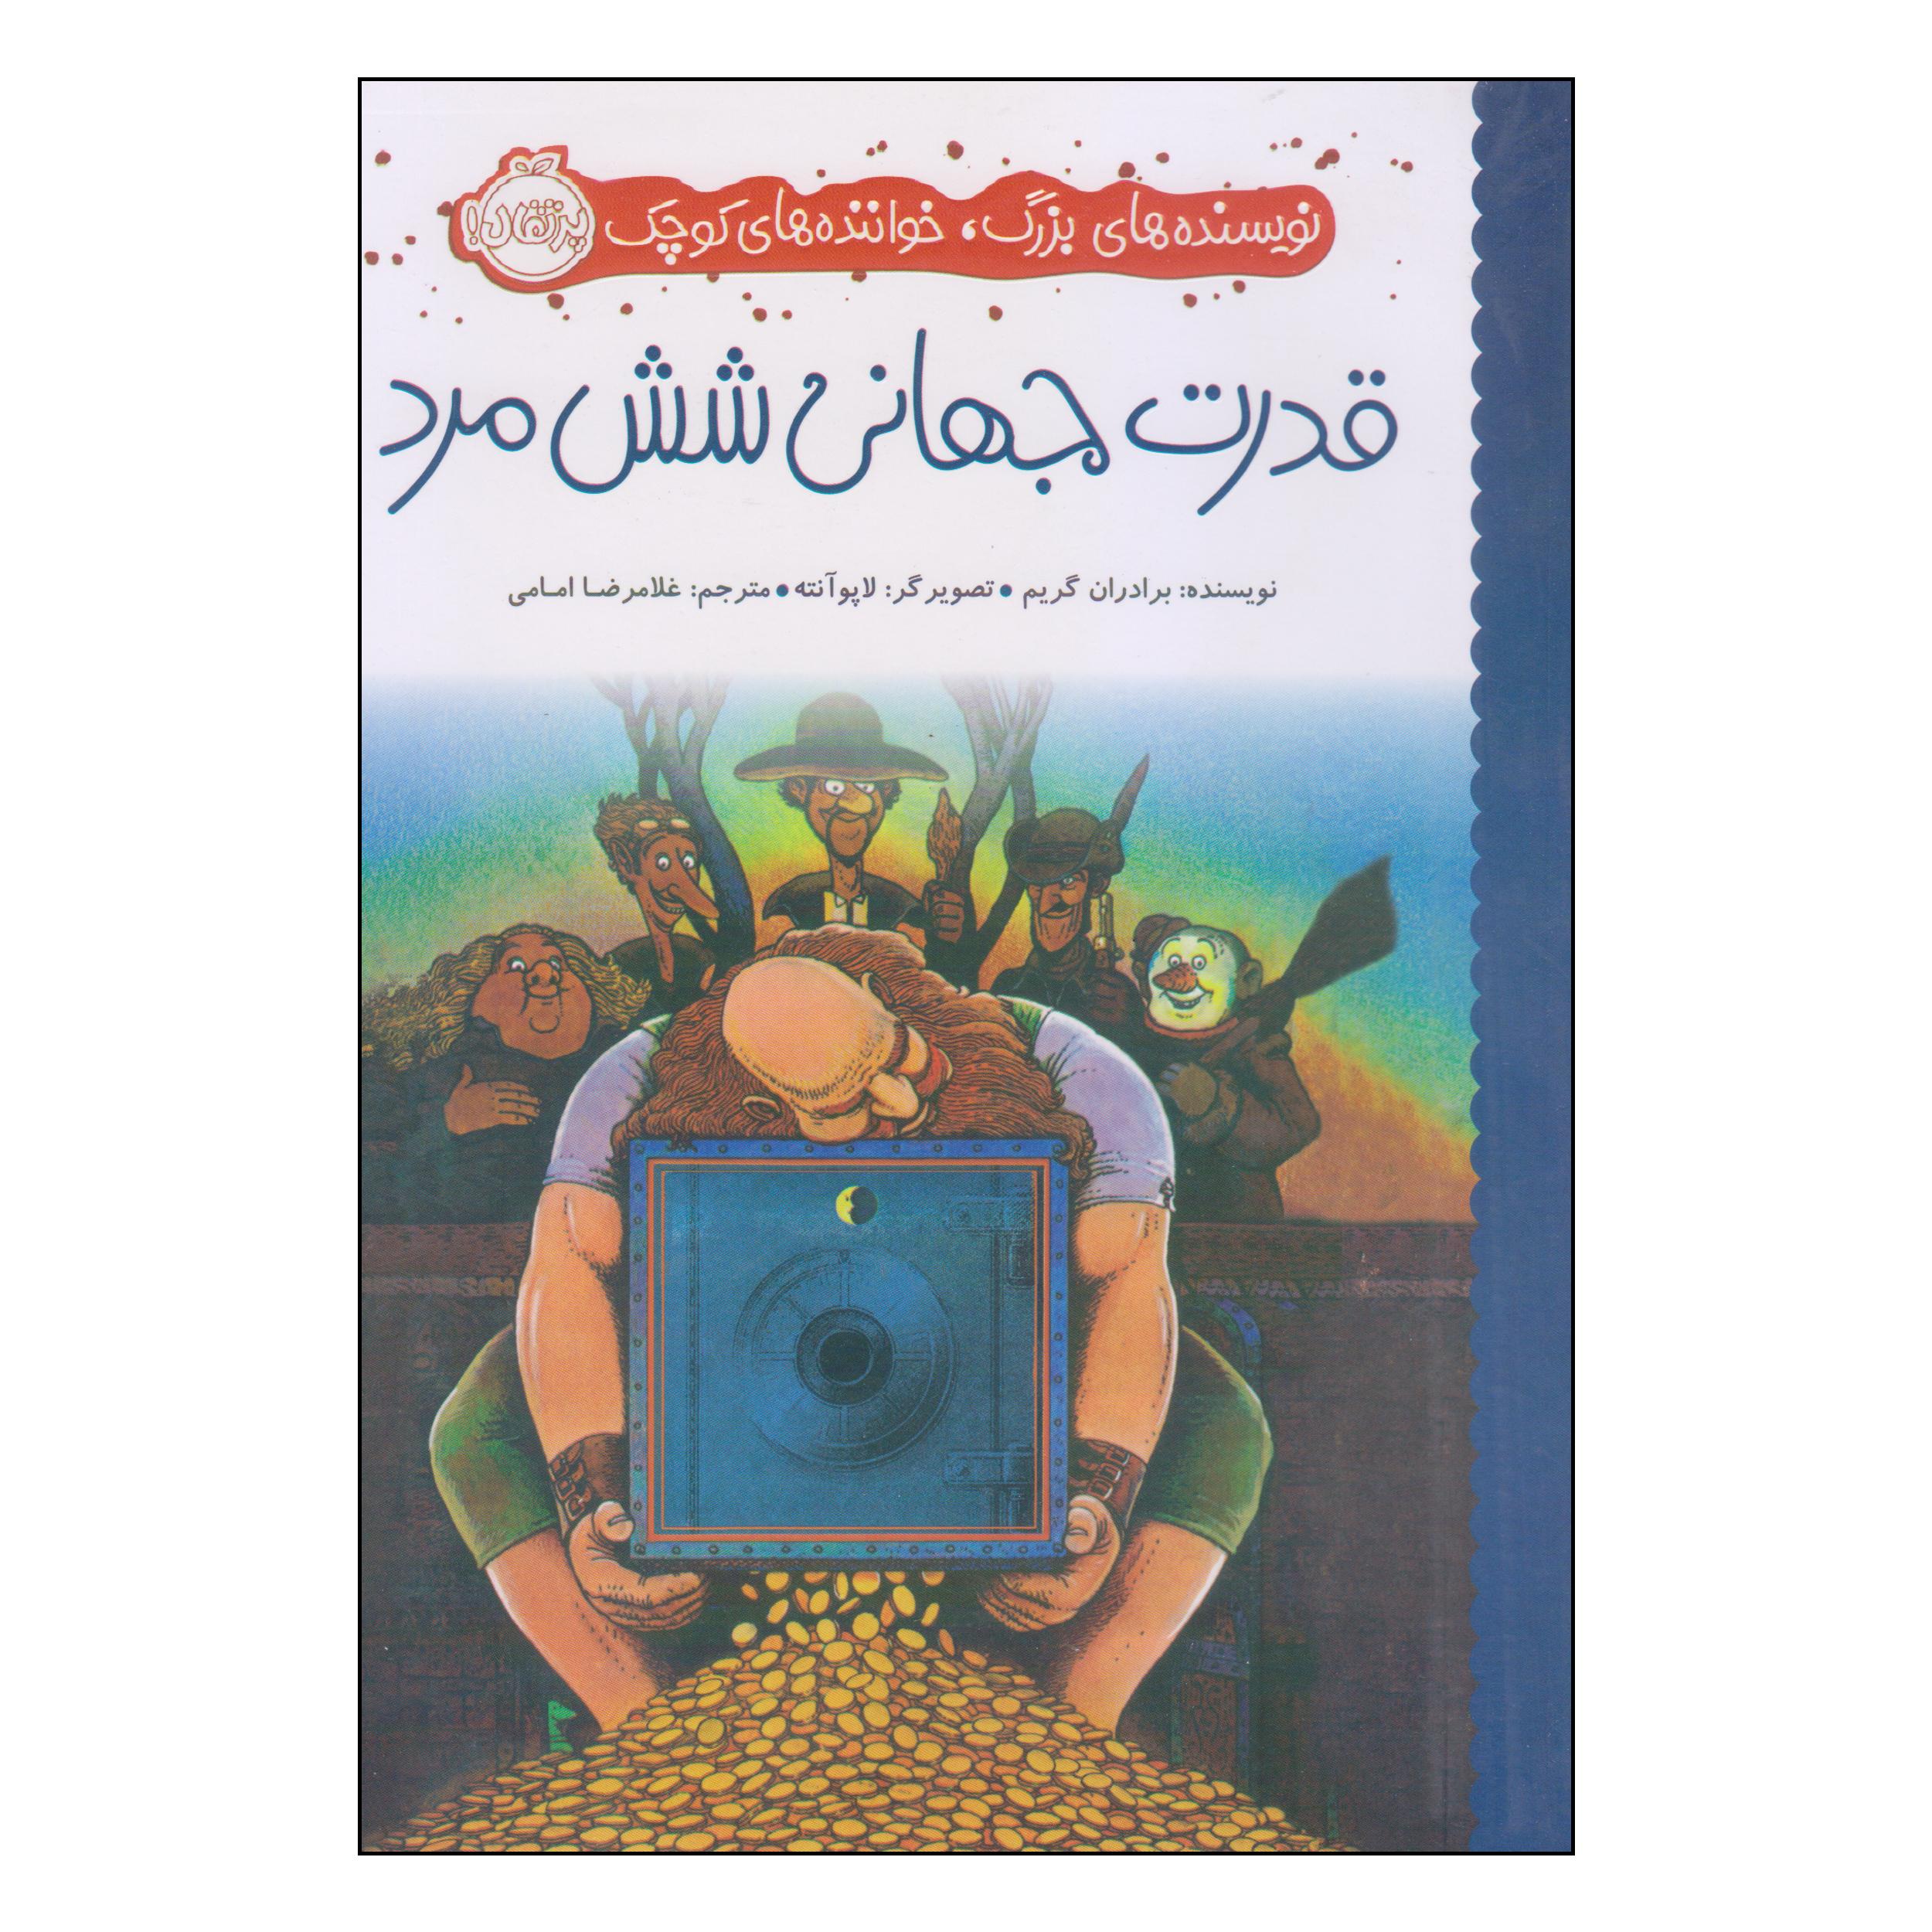 کتاب قدرت جهانی شش مرد اثر برادران گریم انتشارات پرتقال